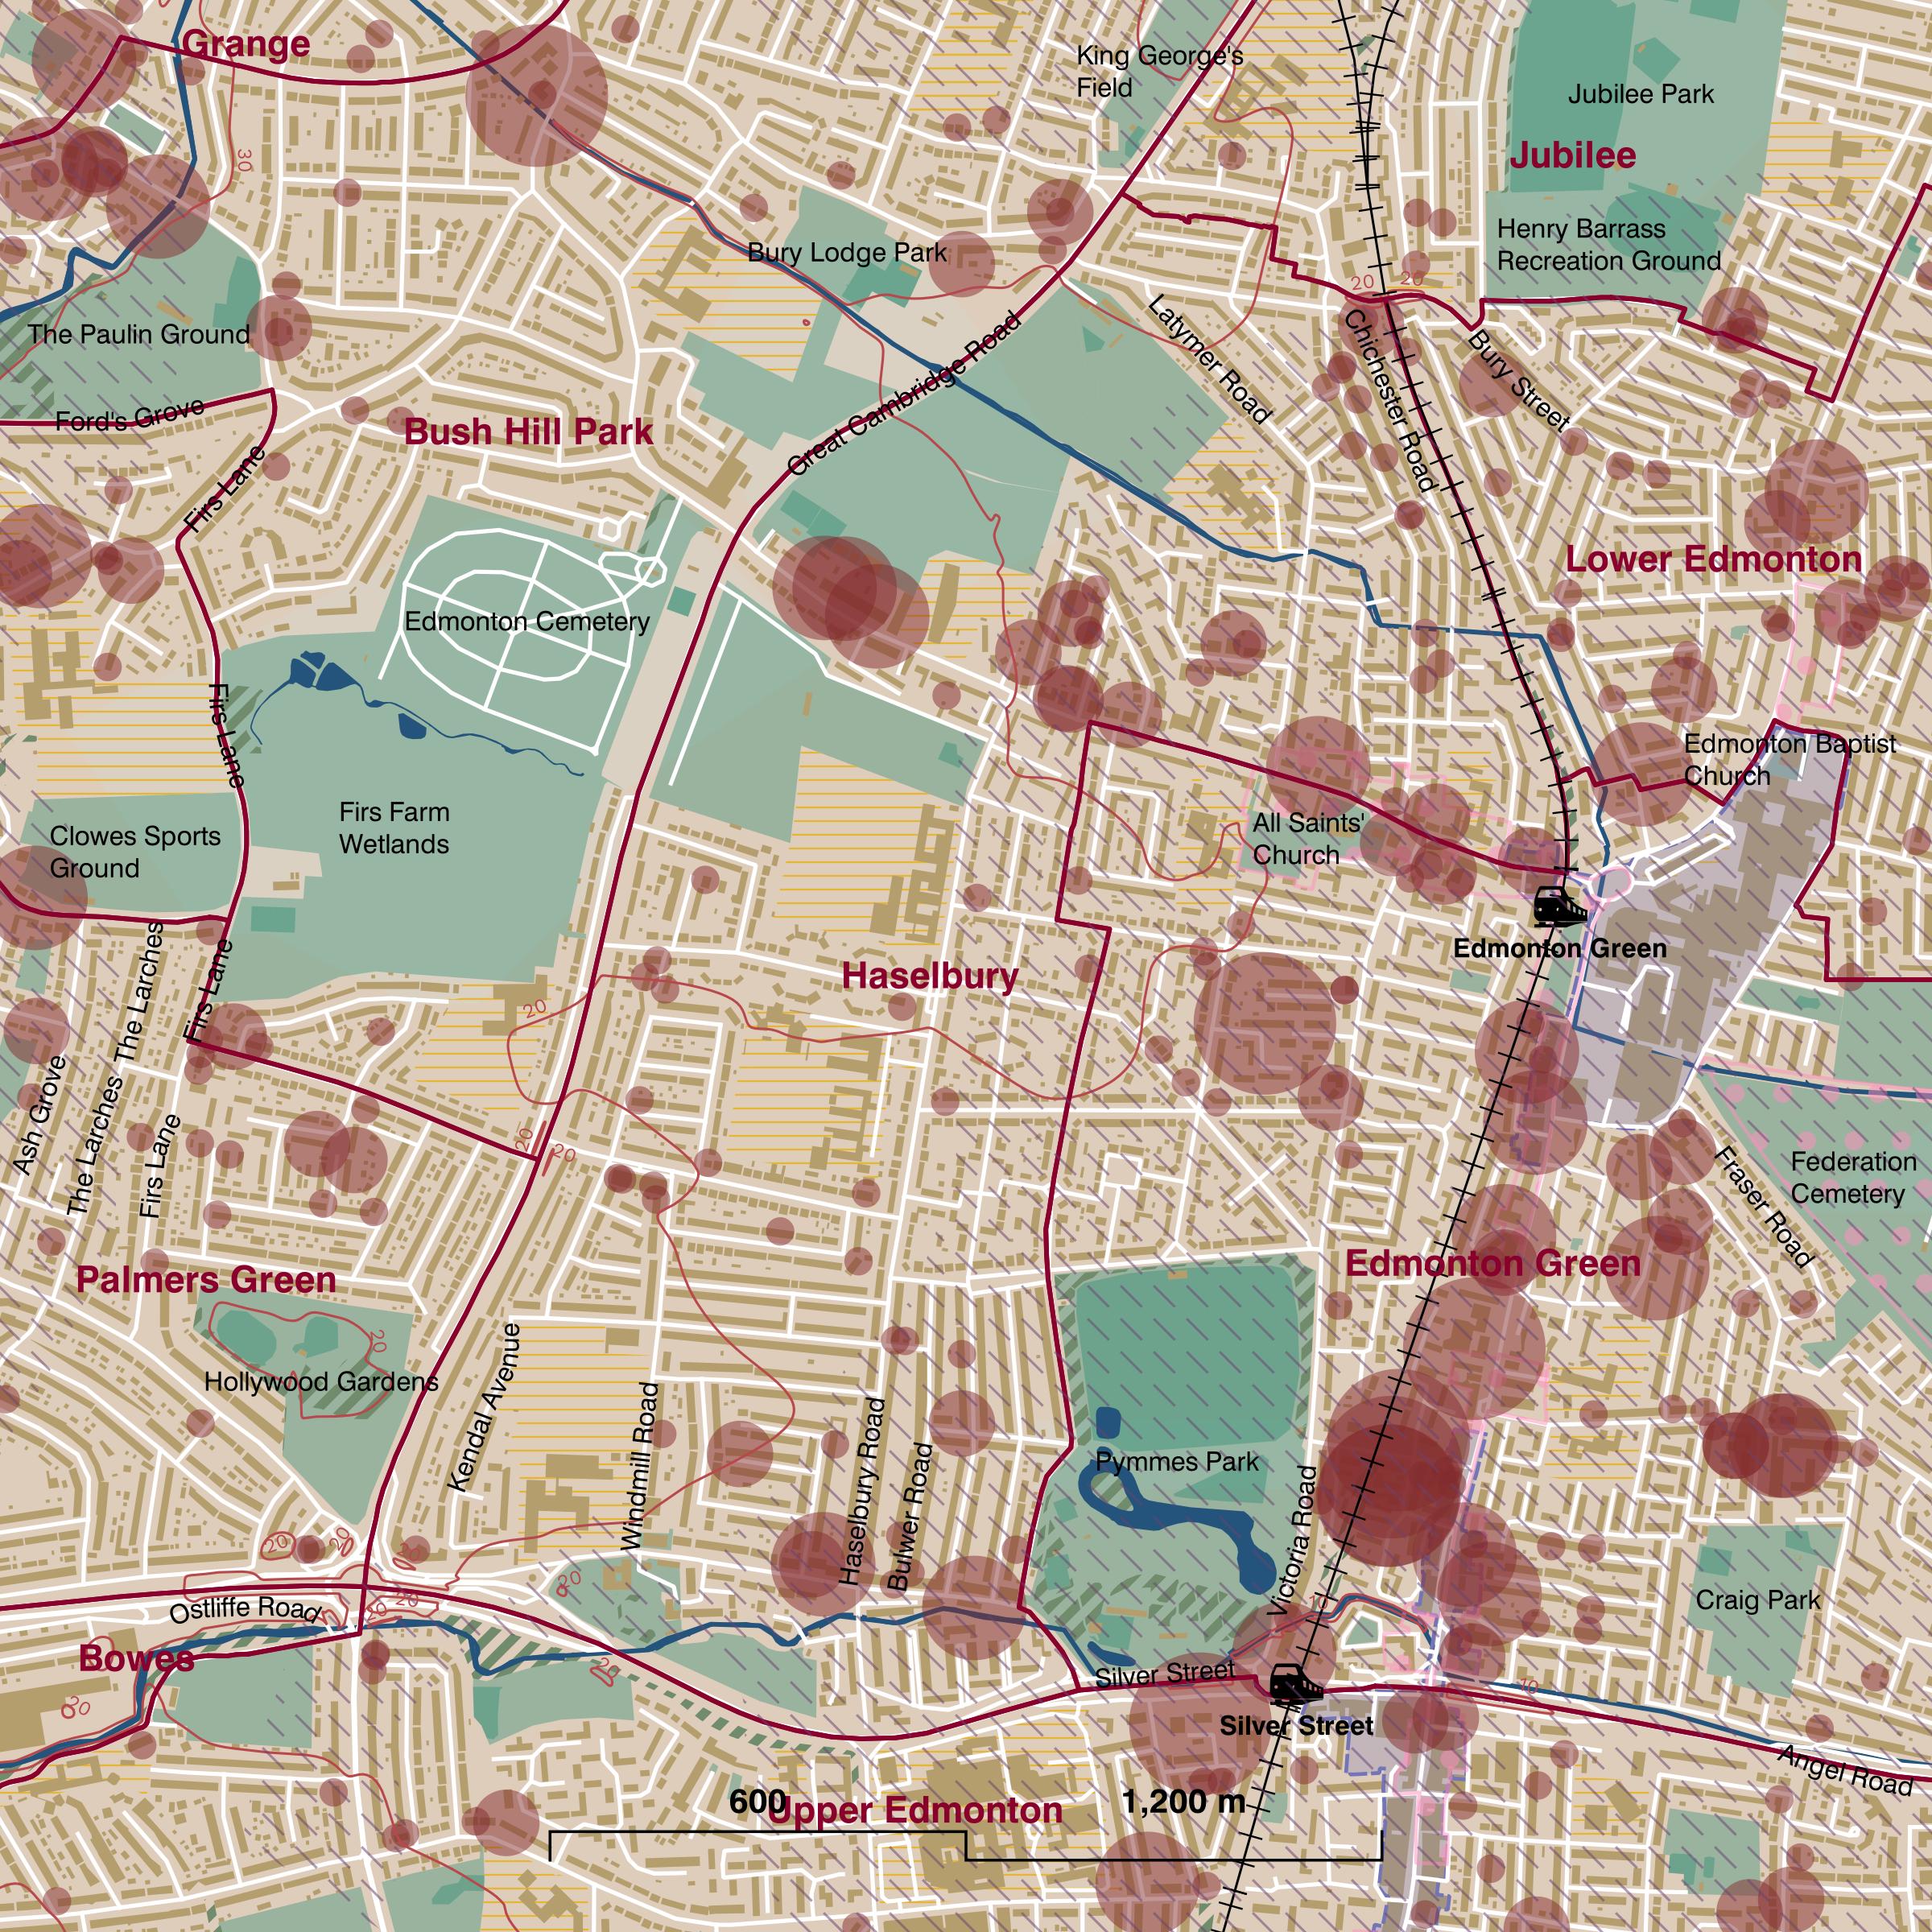 Map of Haselbury ward